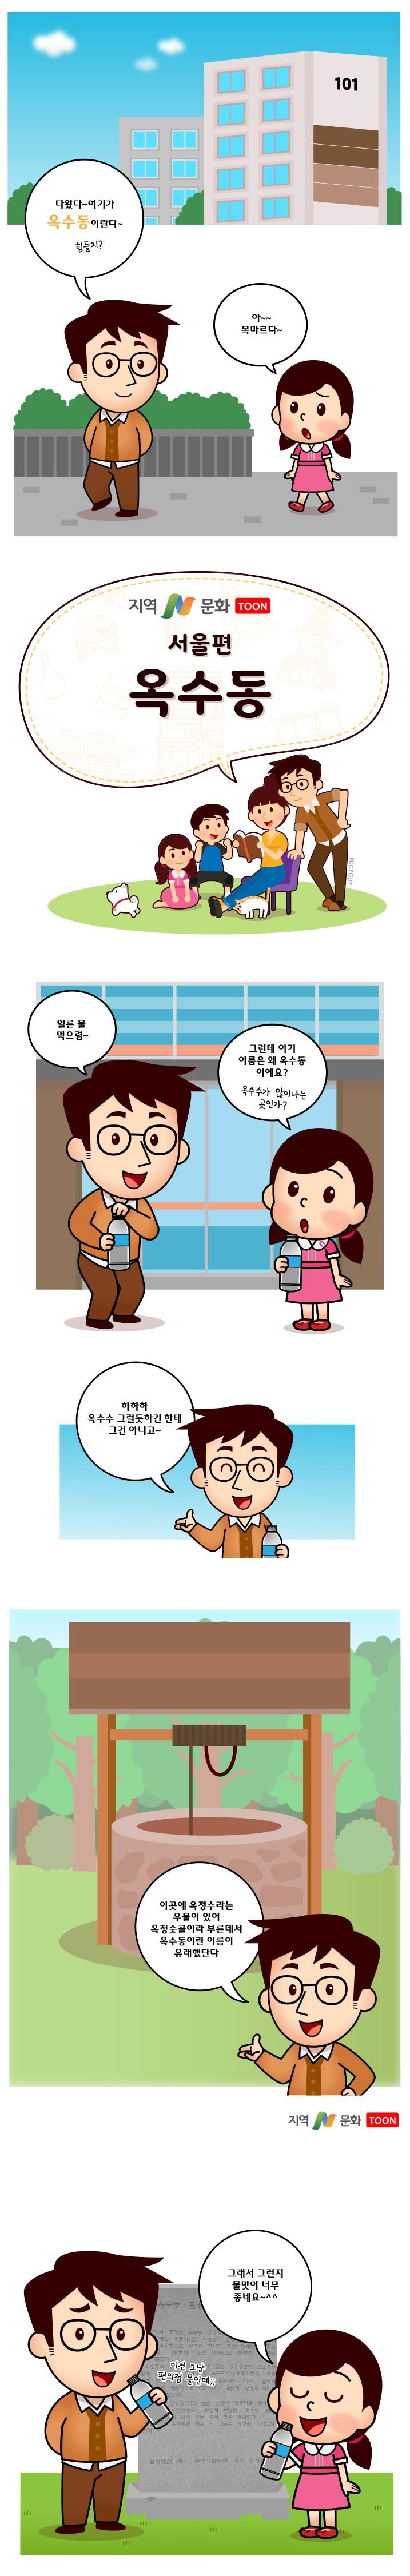 서울시 옥수동은 옥정수라는 우물이 있어 옥정숫골이라 부른데서 옥수동이란 이름이 유래되었다.